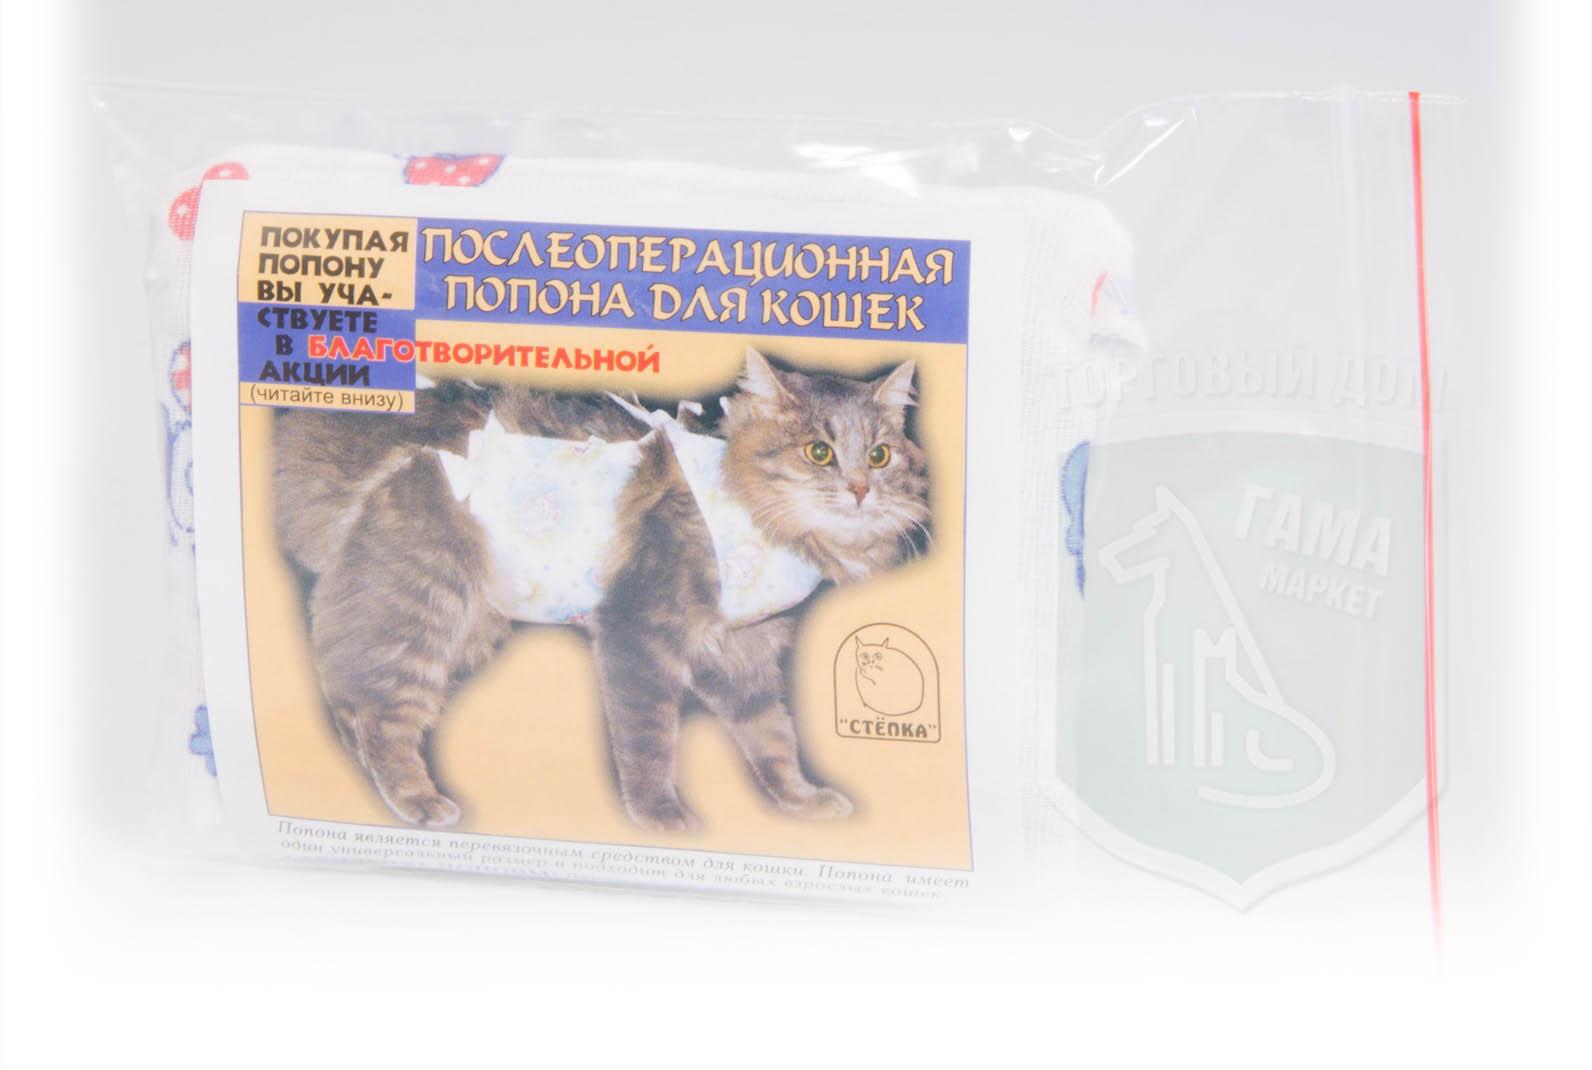 Послеоперационная попона (бандаж) для кошки - выкройка 96